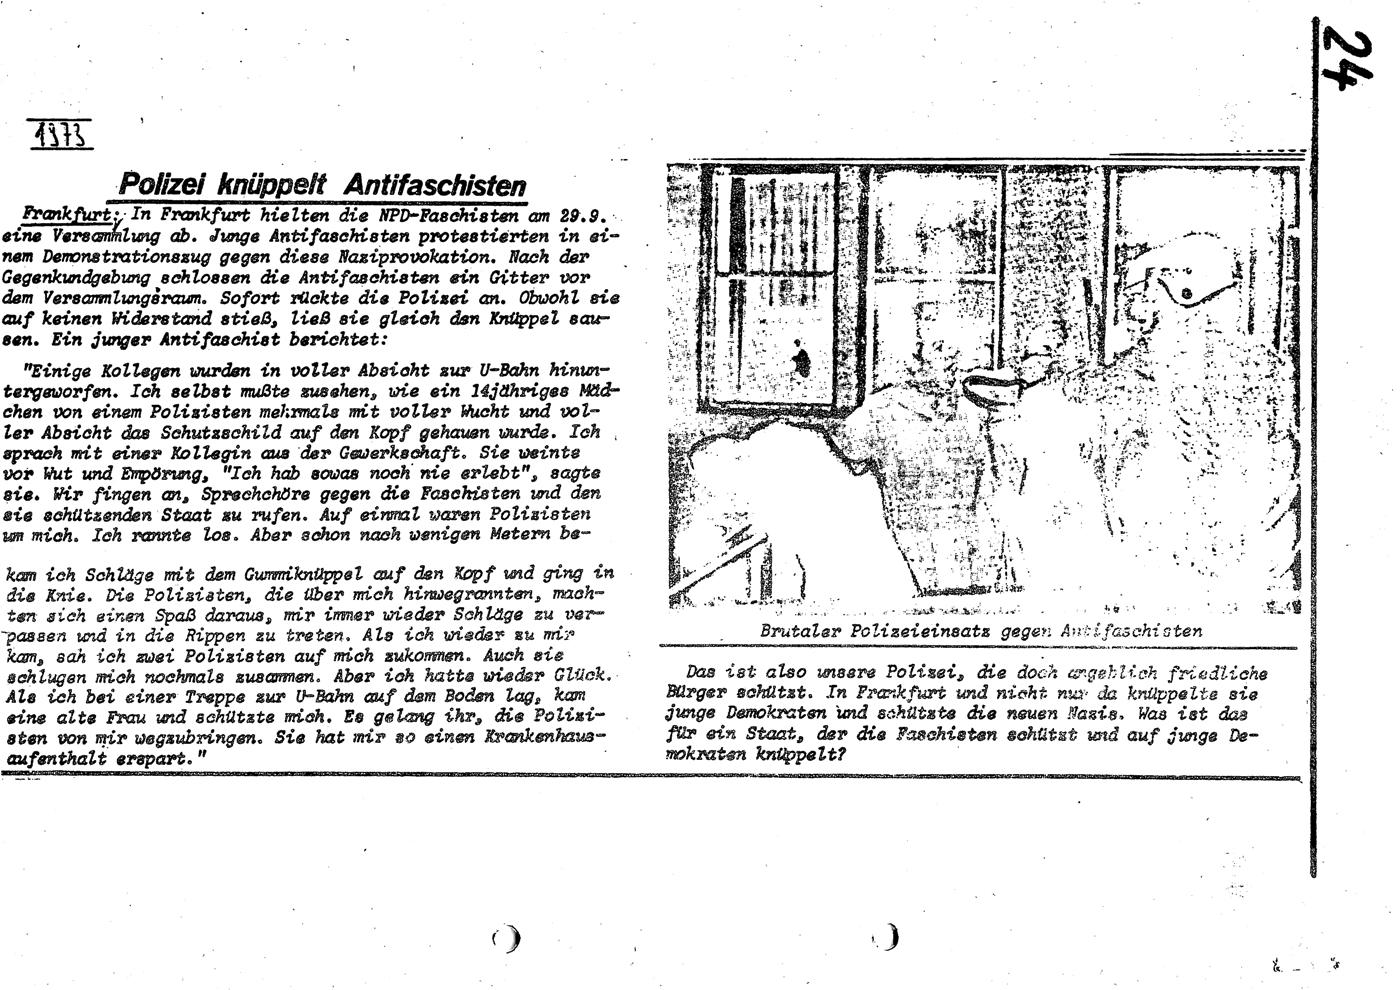 KABRW_Arbeitshefte_1977_25_023